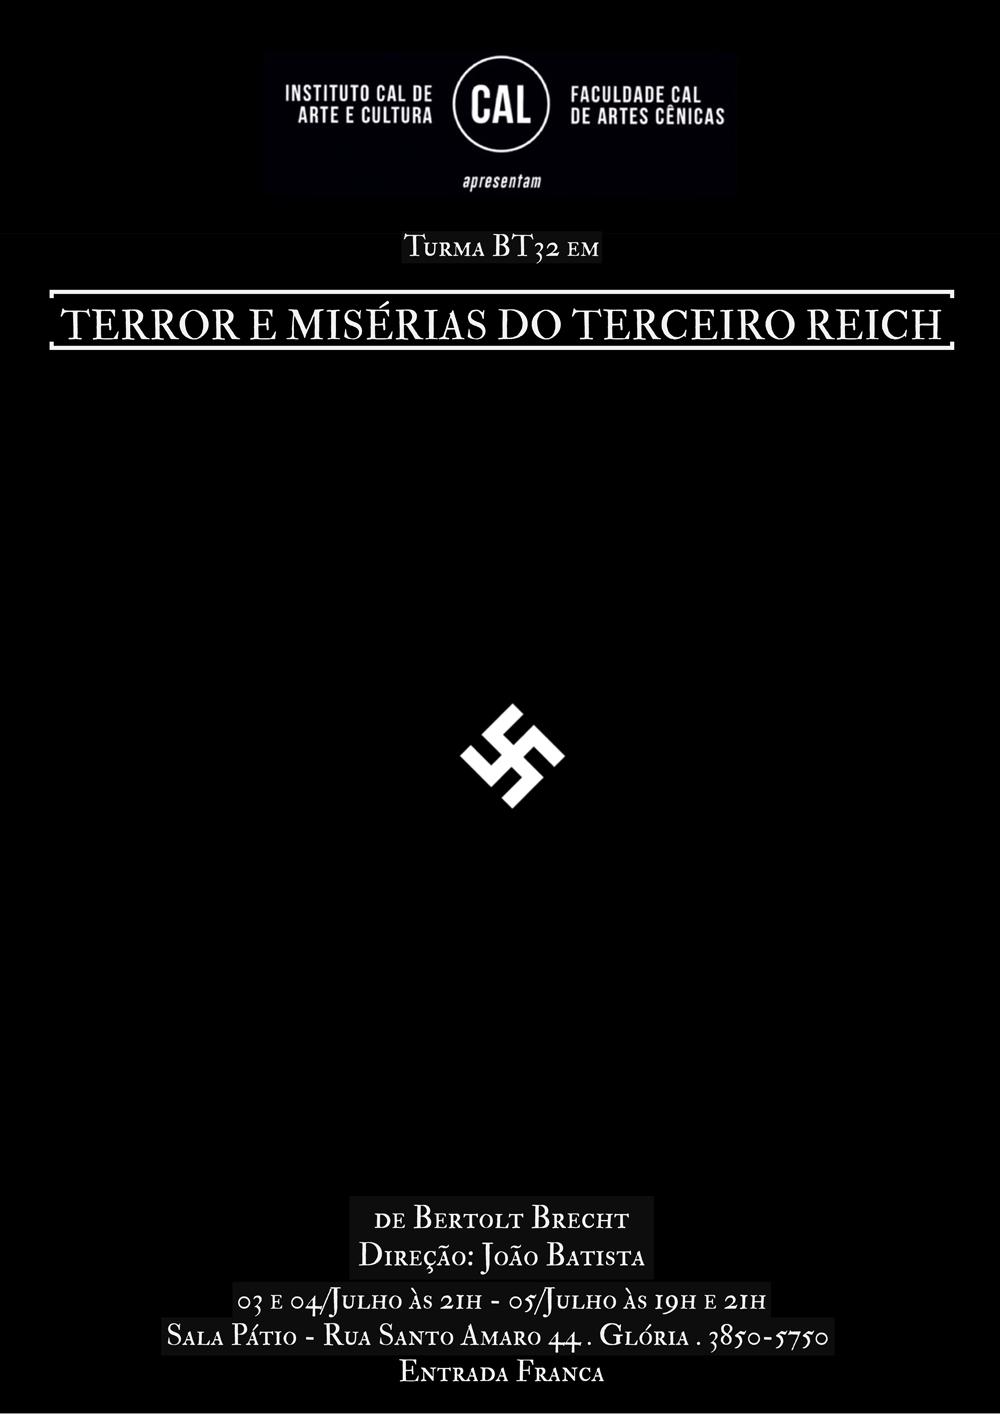 TERROR E MISÉRIA DO TERCEIRO REICH